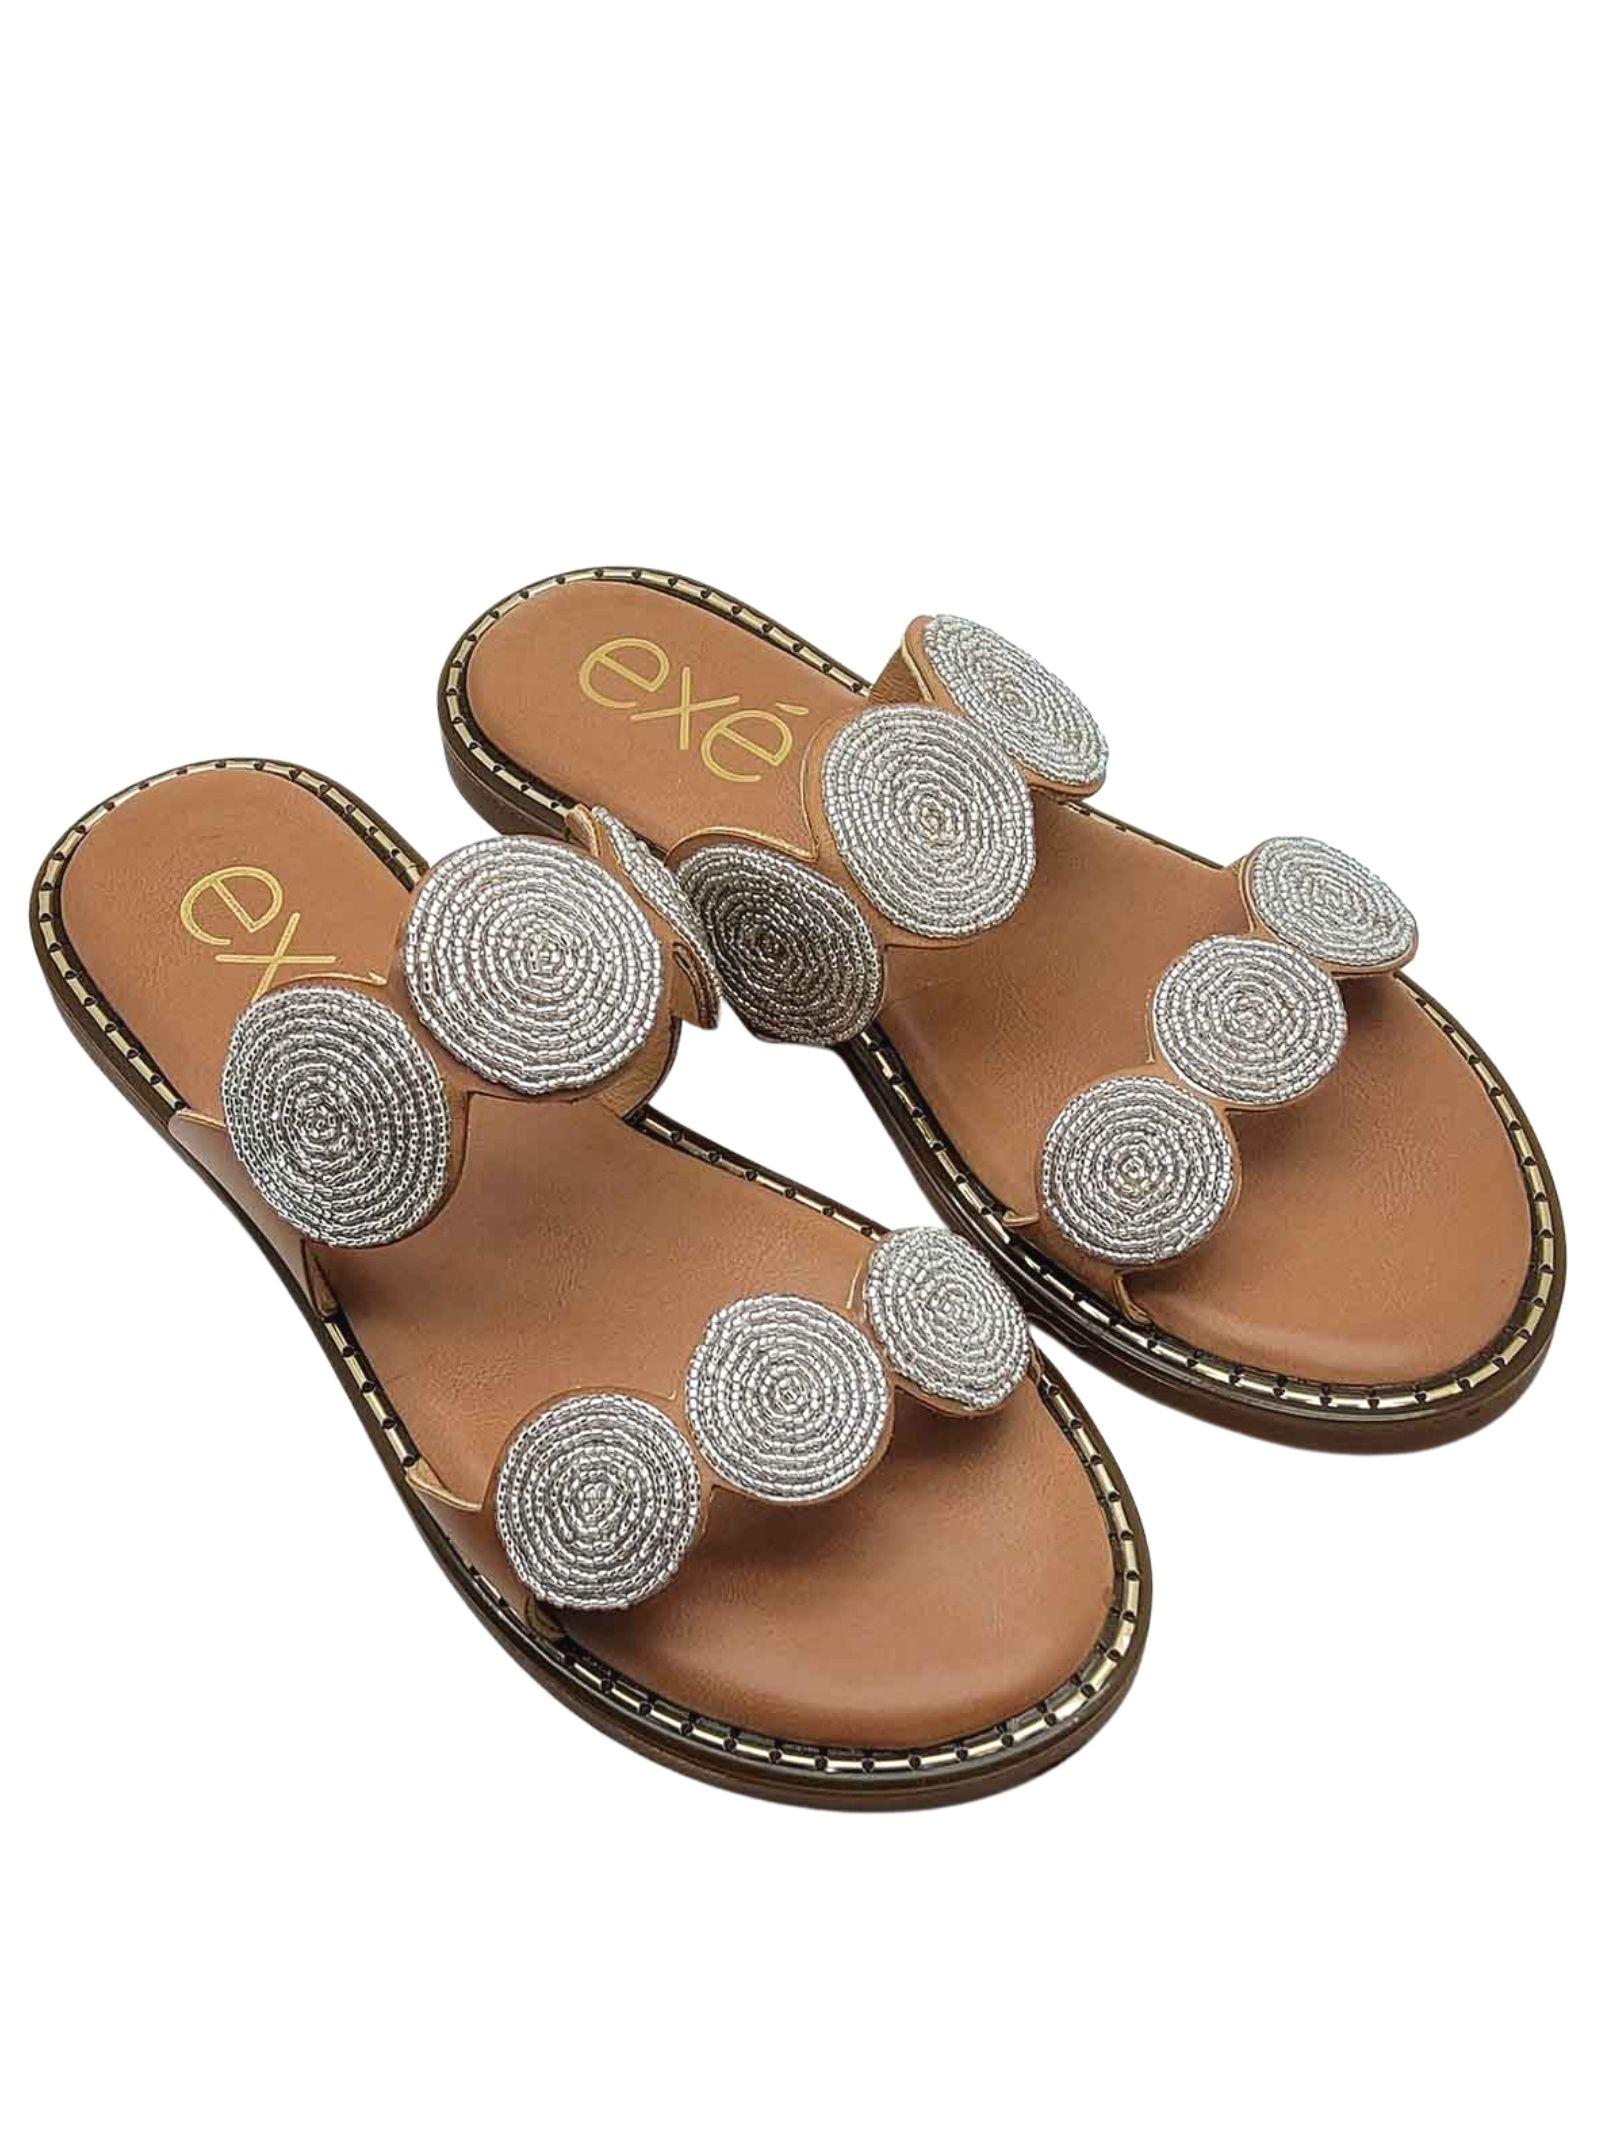 Calzature Donna Sandali in Eco Pelle Cuoio con Doppia Fascia e Accessori di Perline Argento Exe | Sandali Flat | 112300